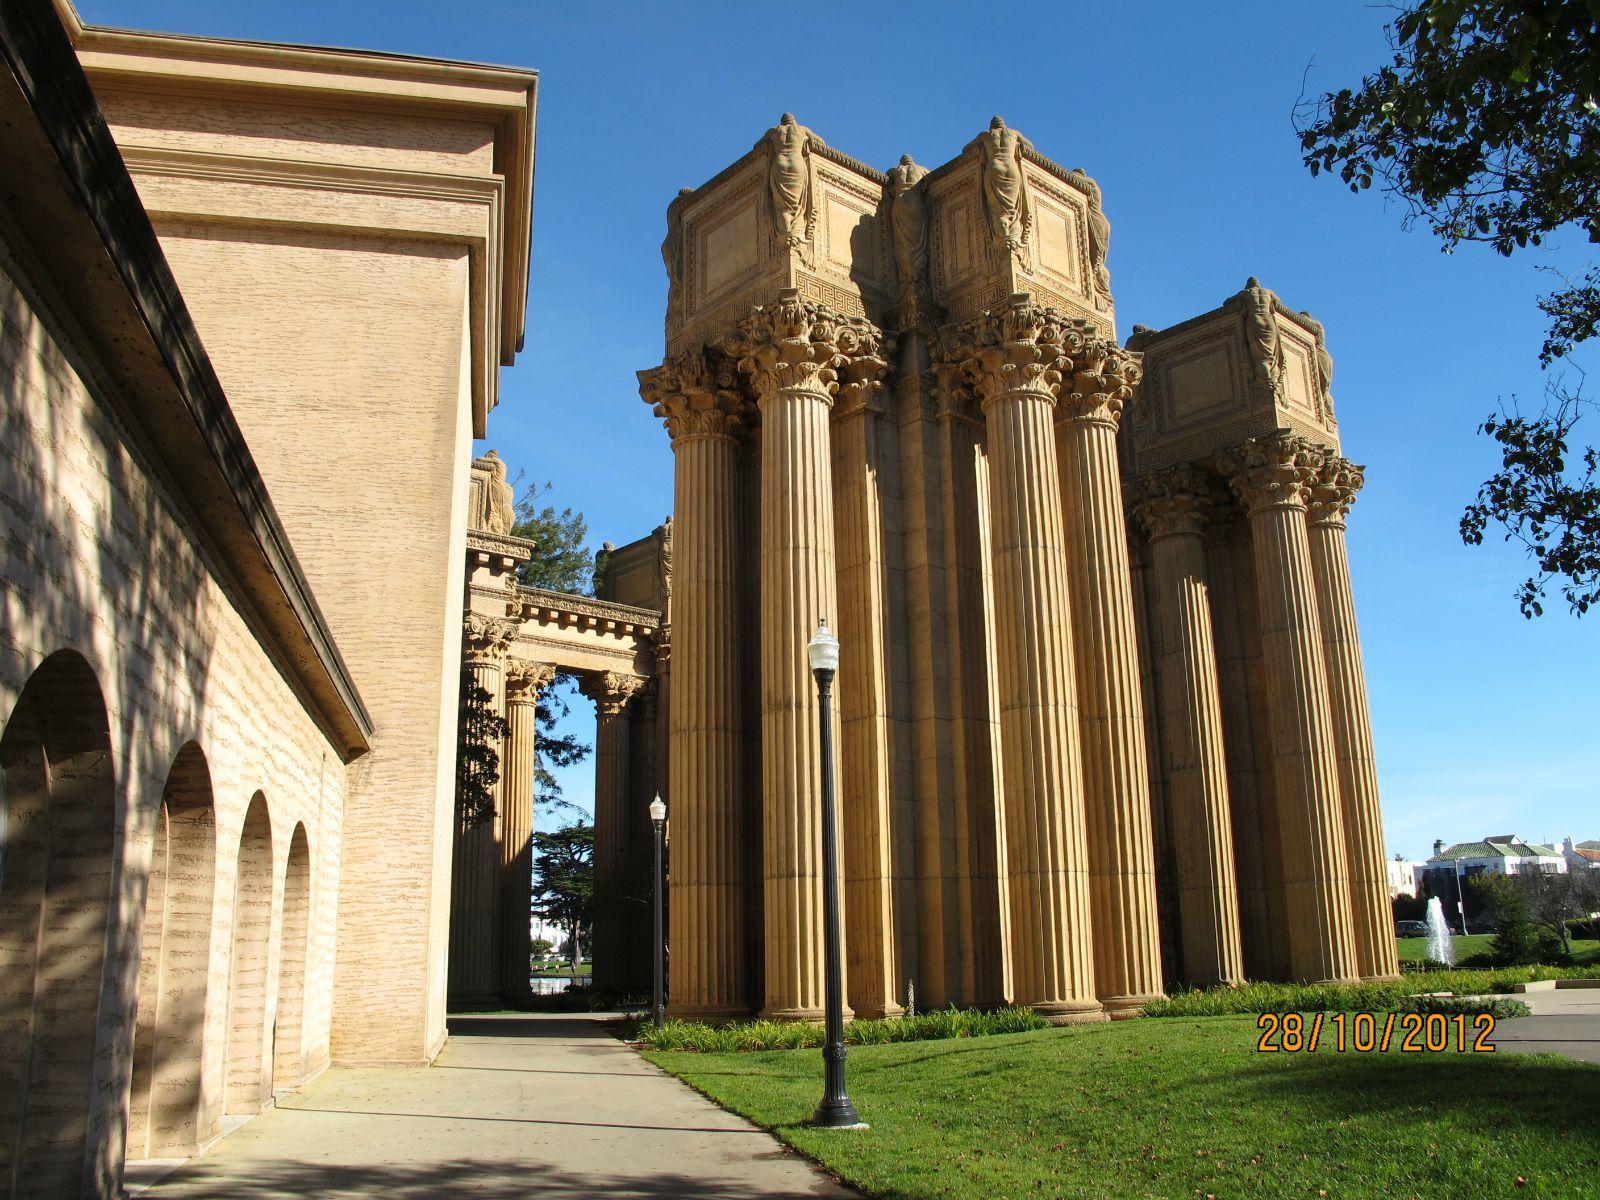 欧式拱门建筑石柱素材图